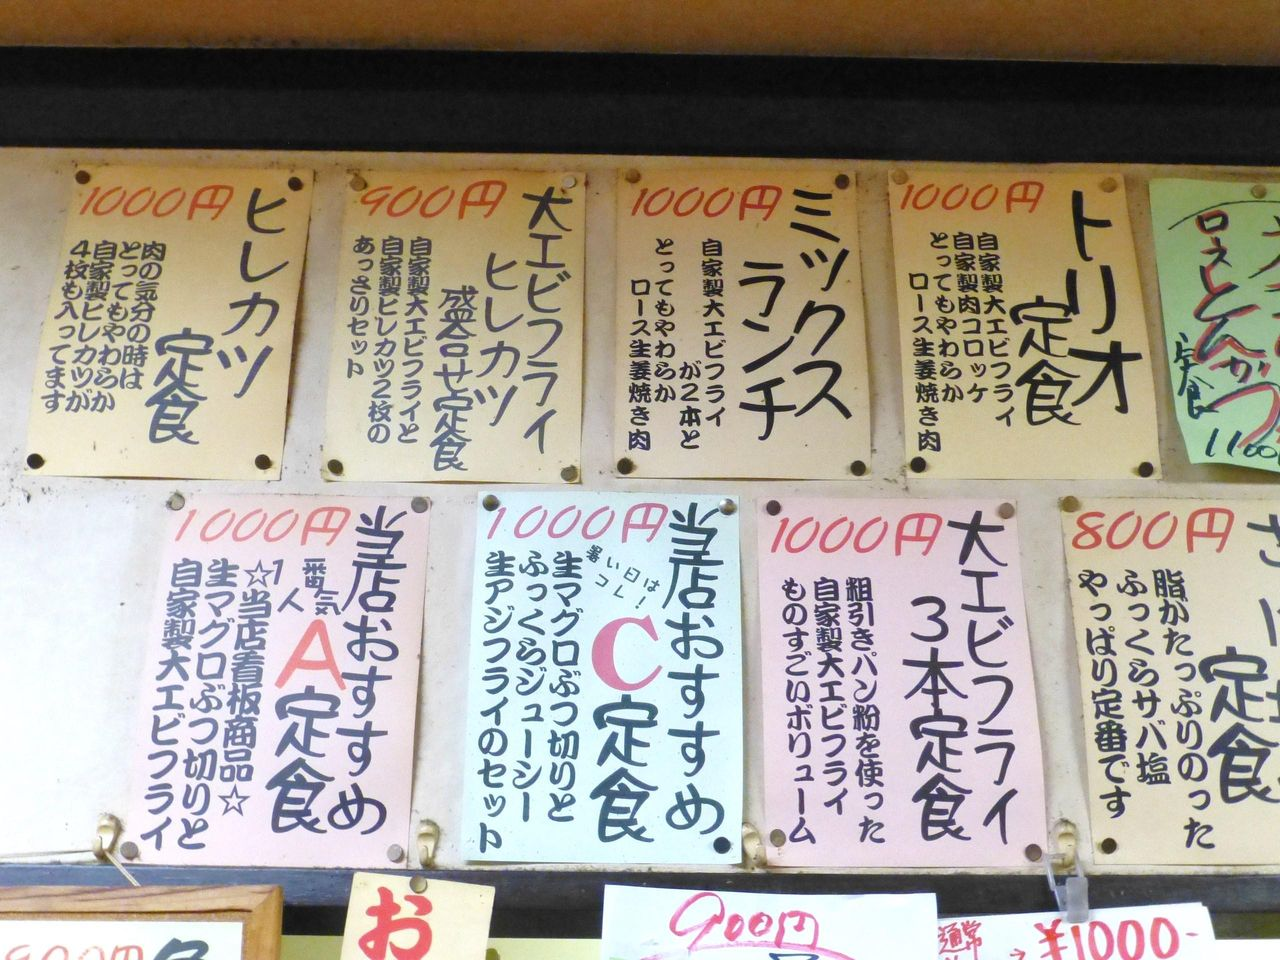 三洋食堂のメニュー(25年12月現在)